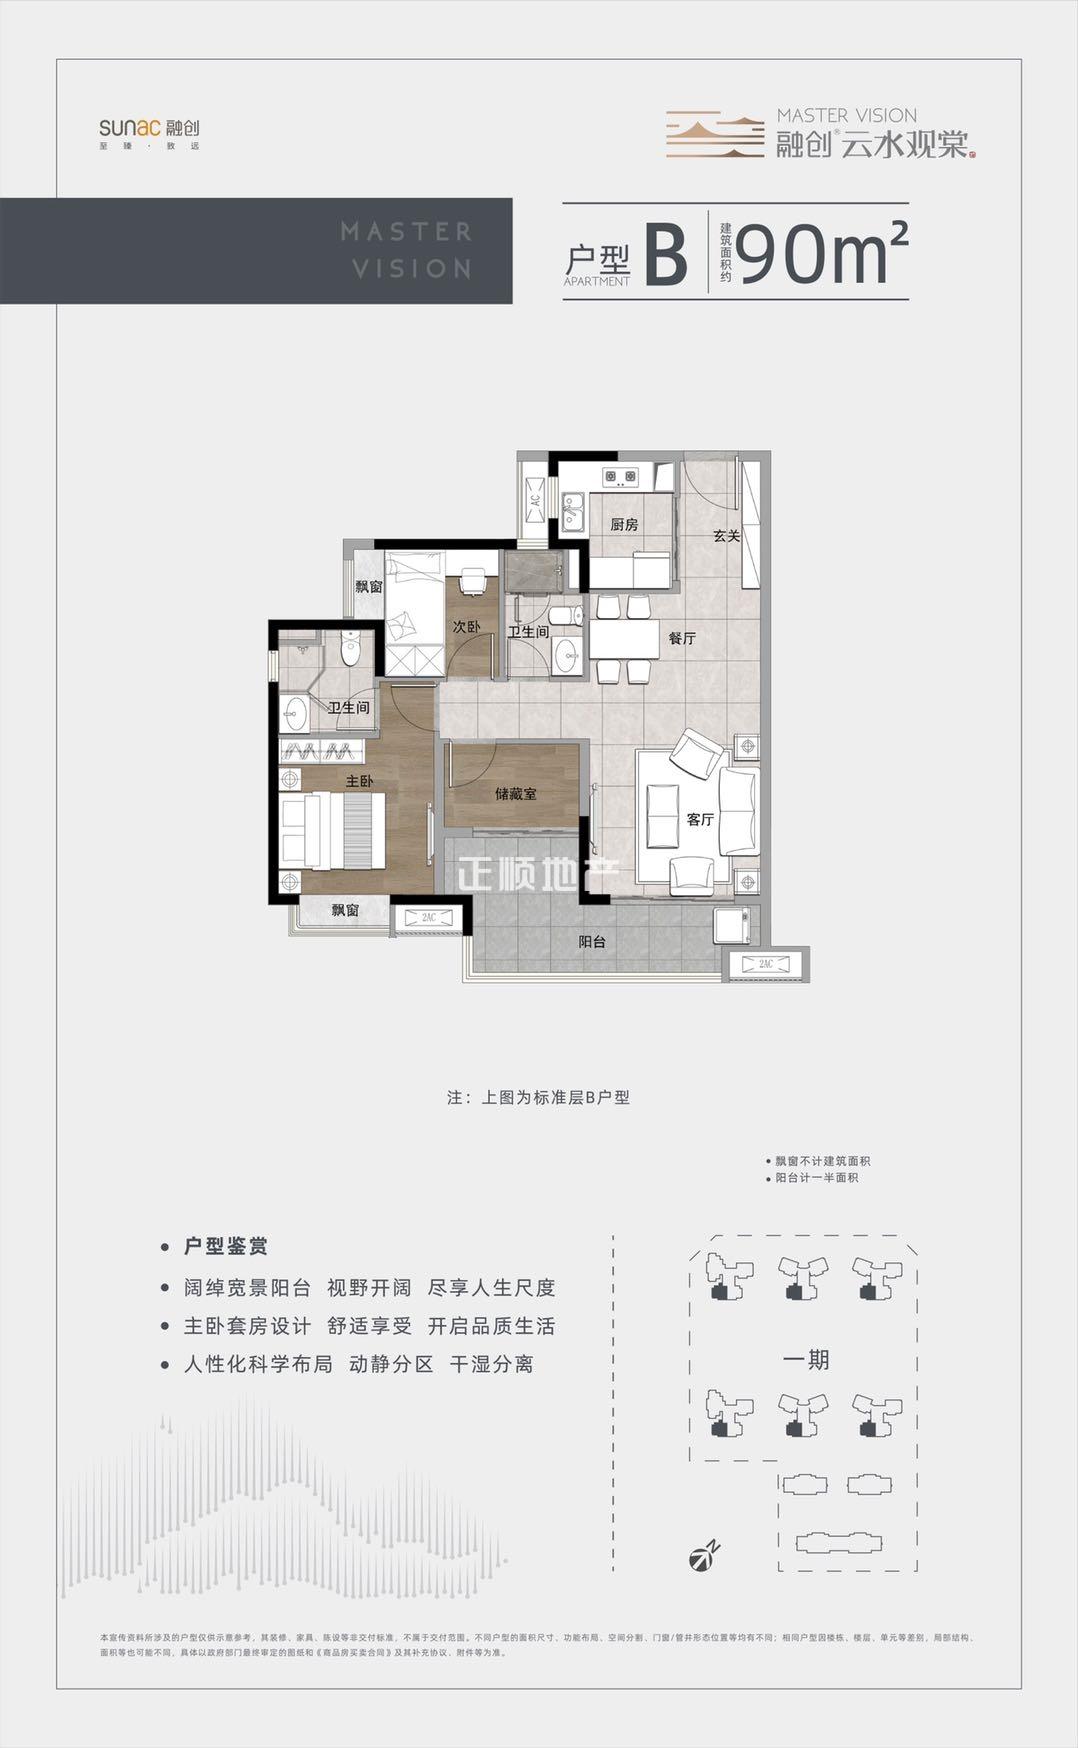 融创云水观棠 - 户型图